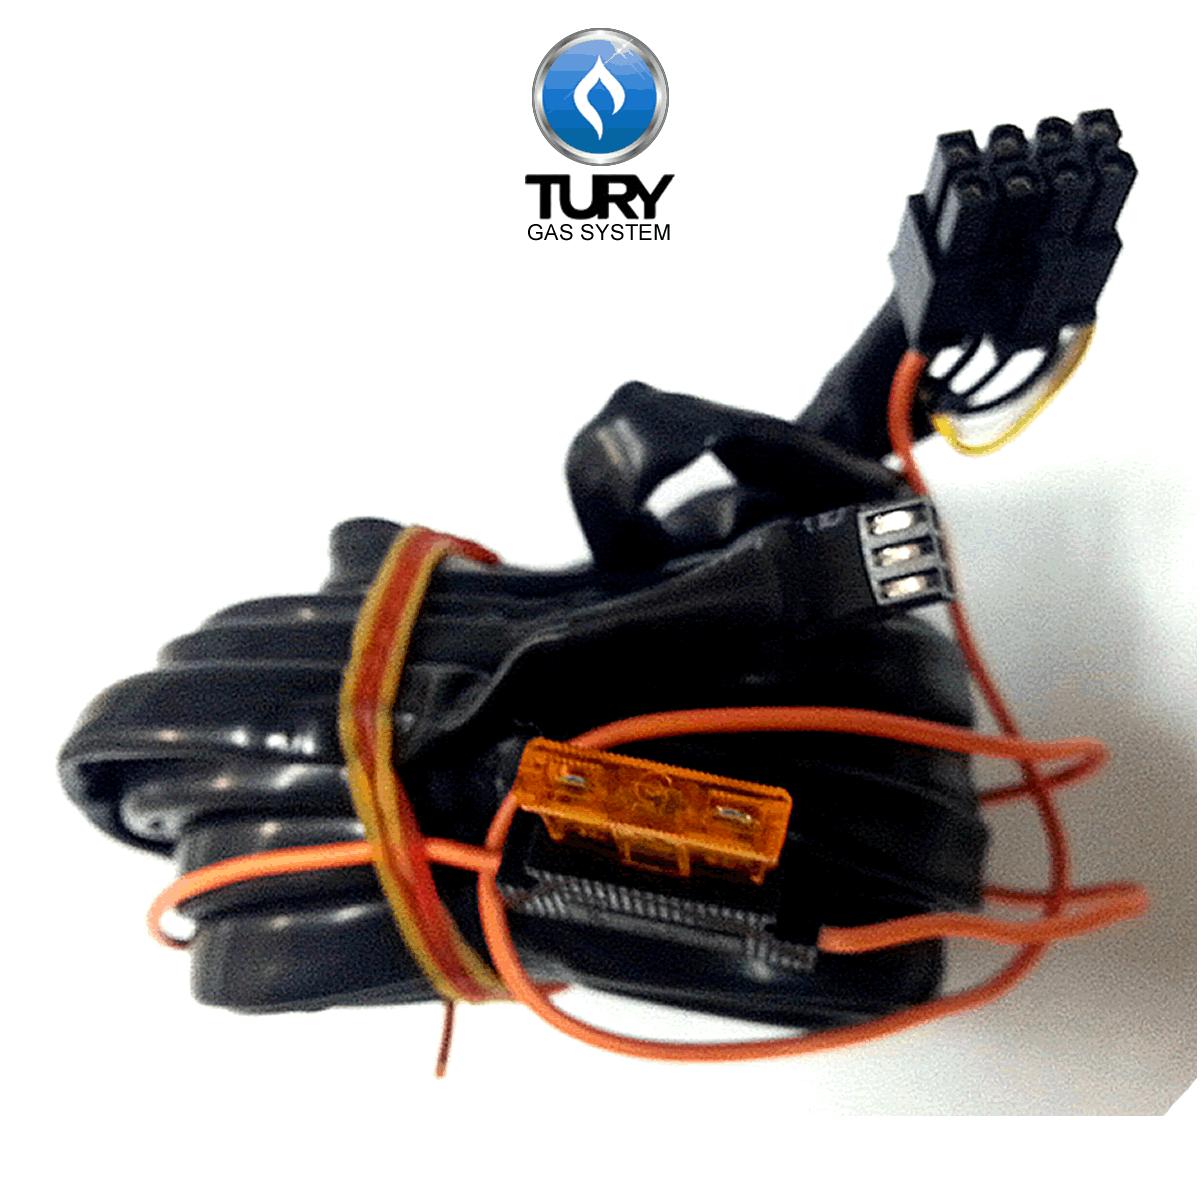 Chicote T1000 A 2m p/Comutadora TURY GAS T1000 T1011 T1015 IGT